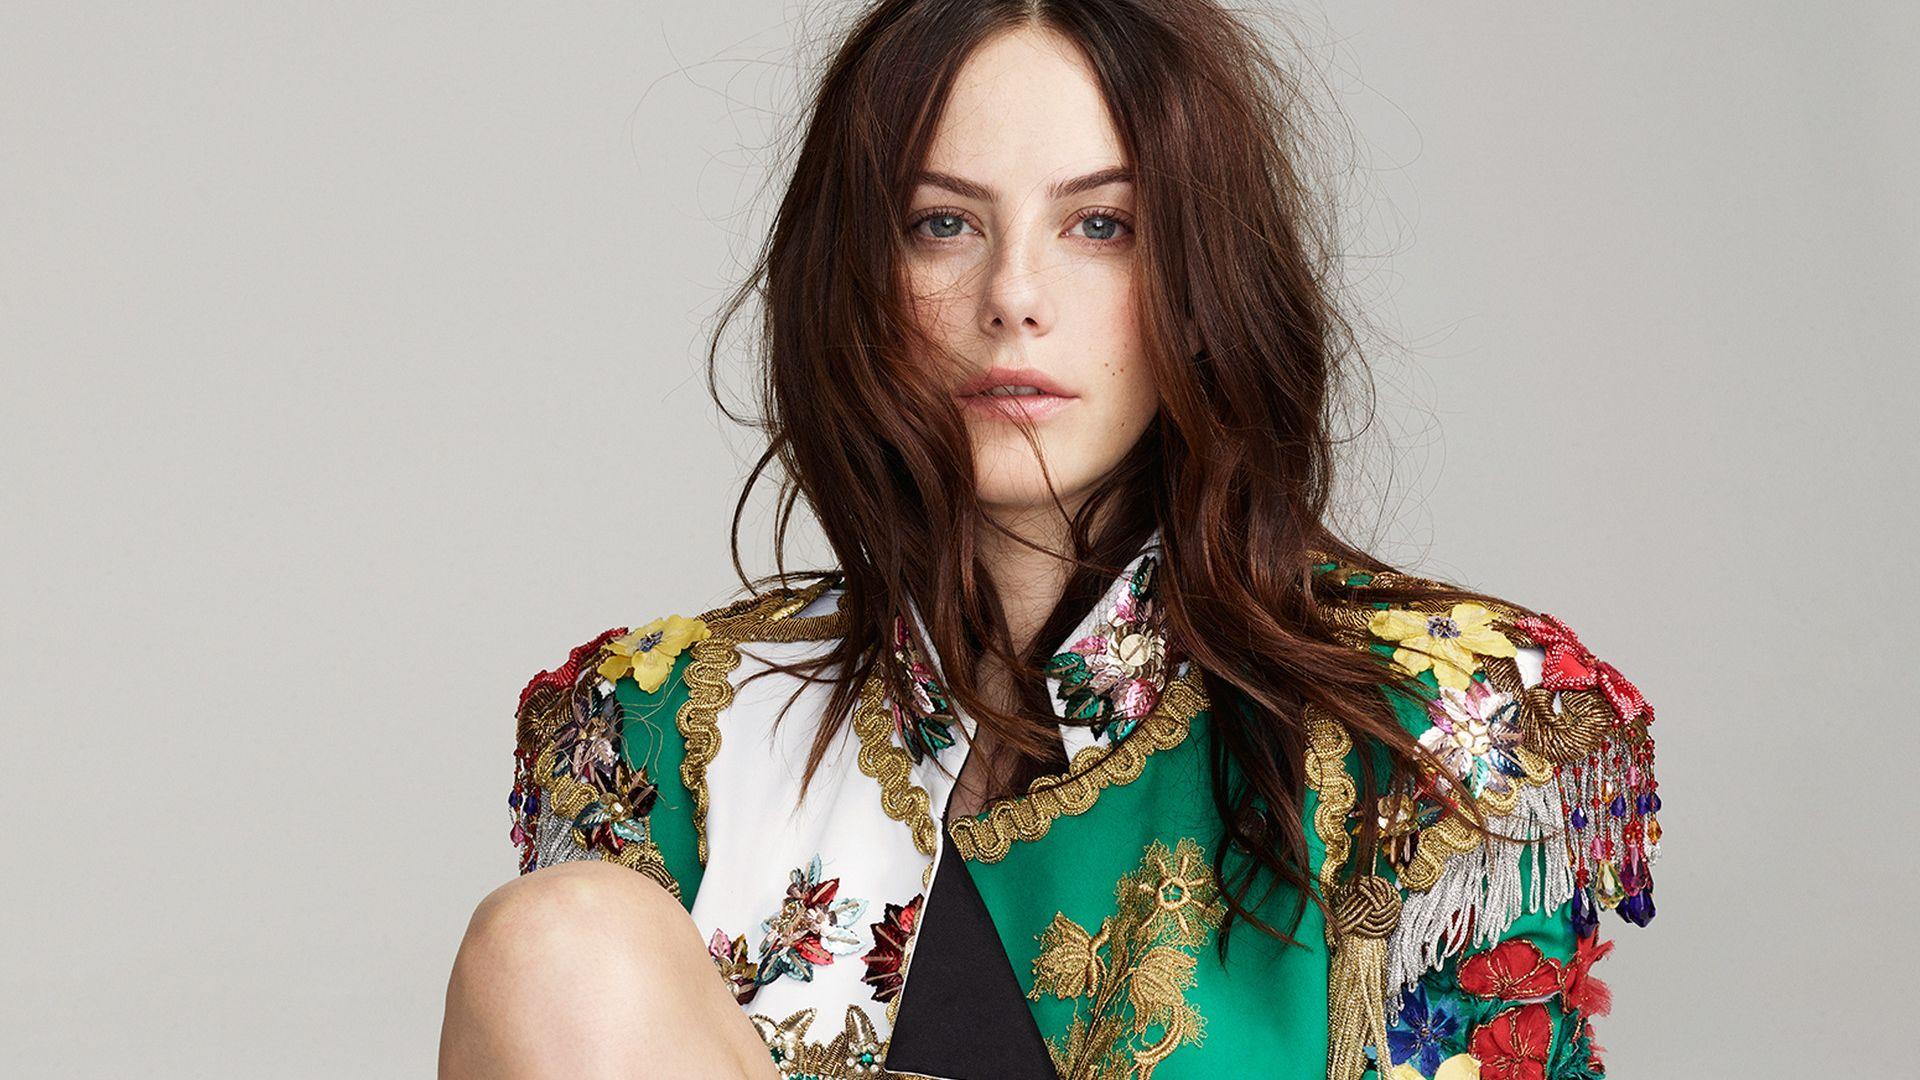 Wallpaper Beautiful actress, red head, Kaya Scodelario